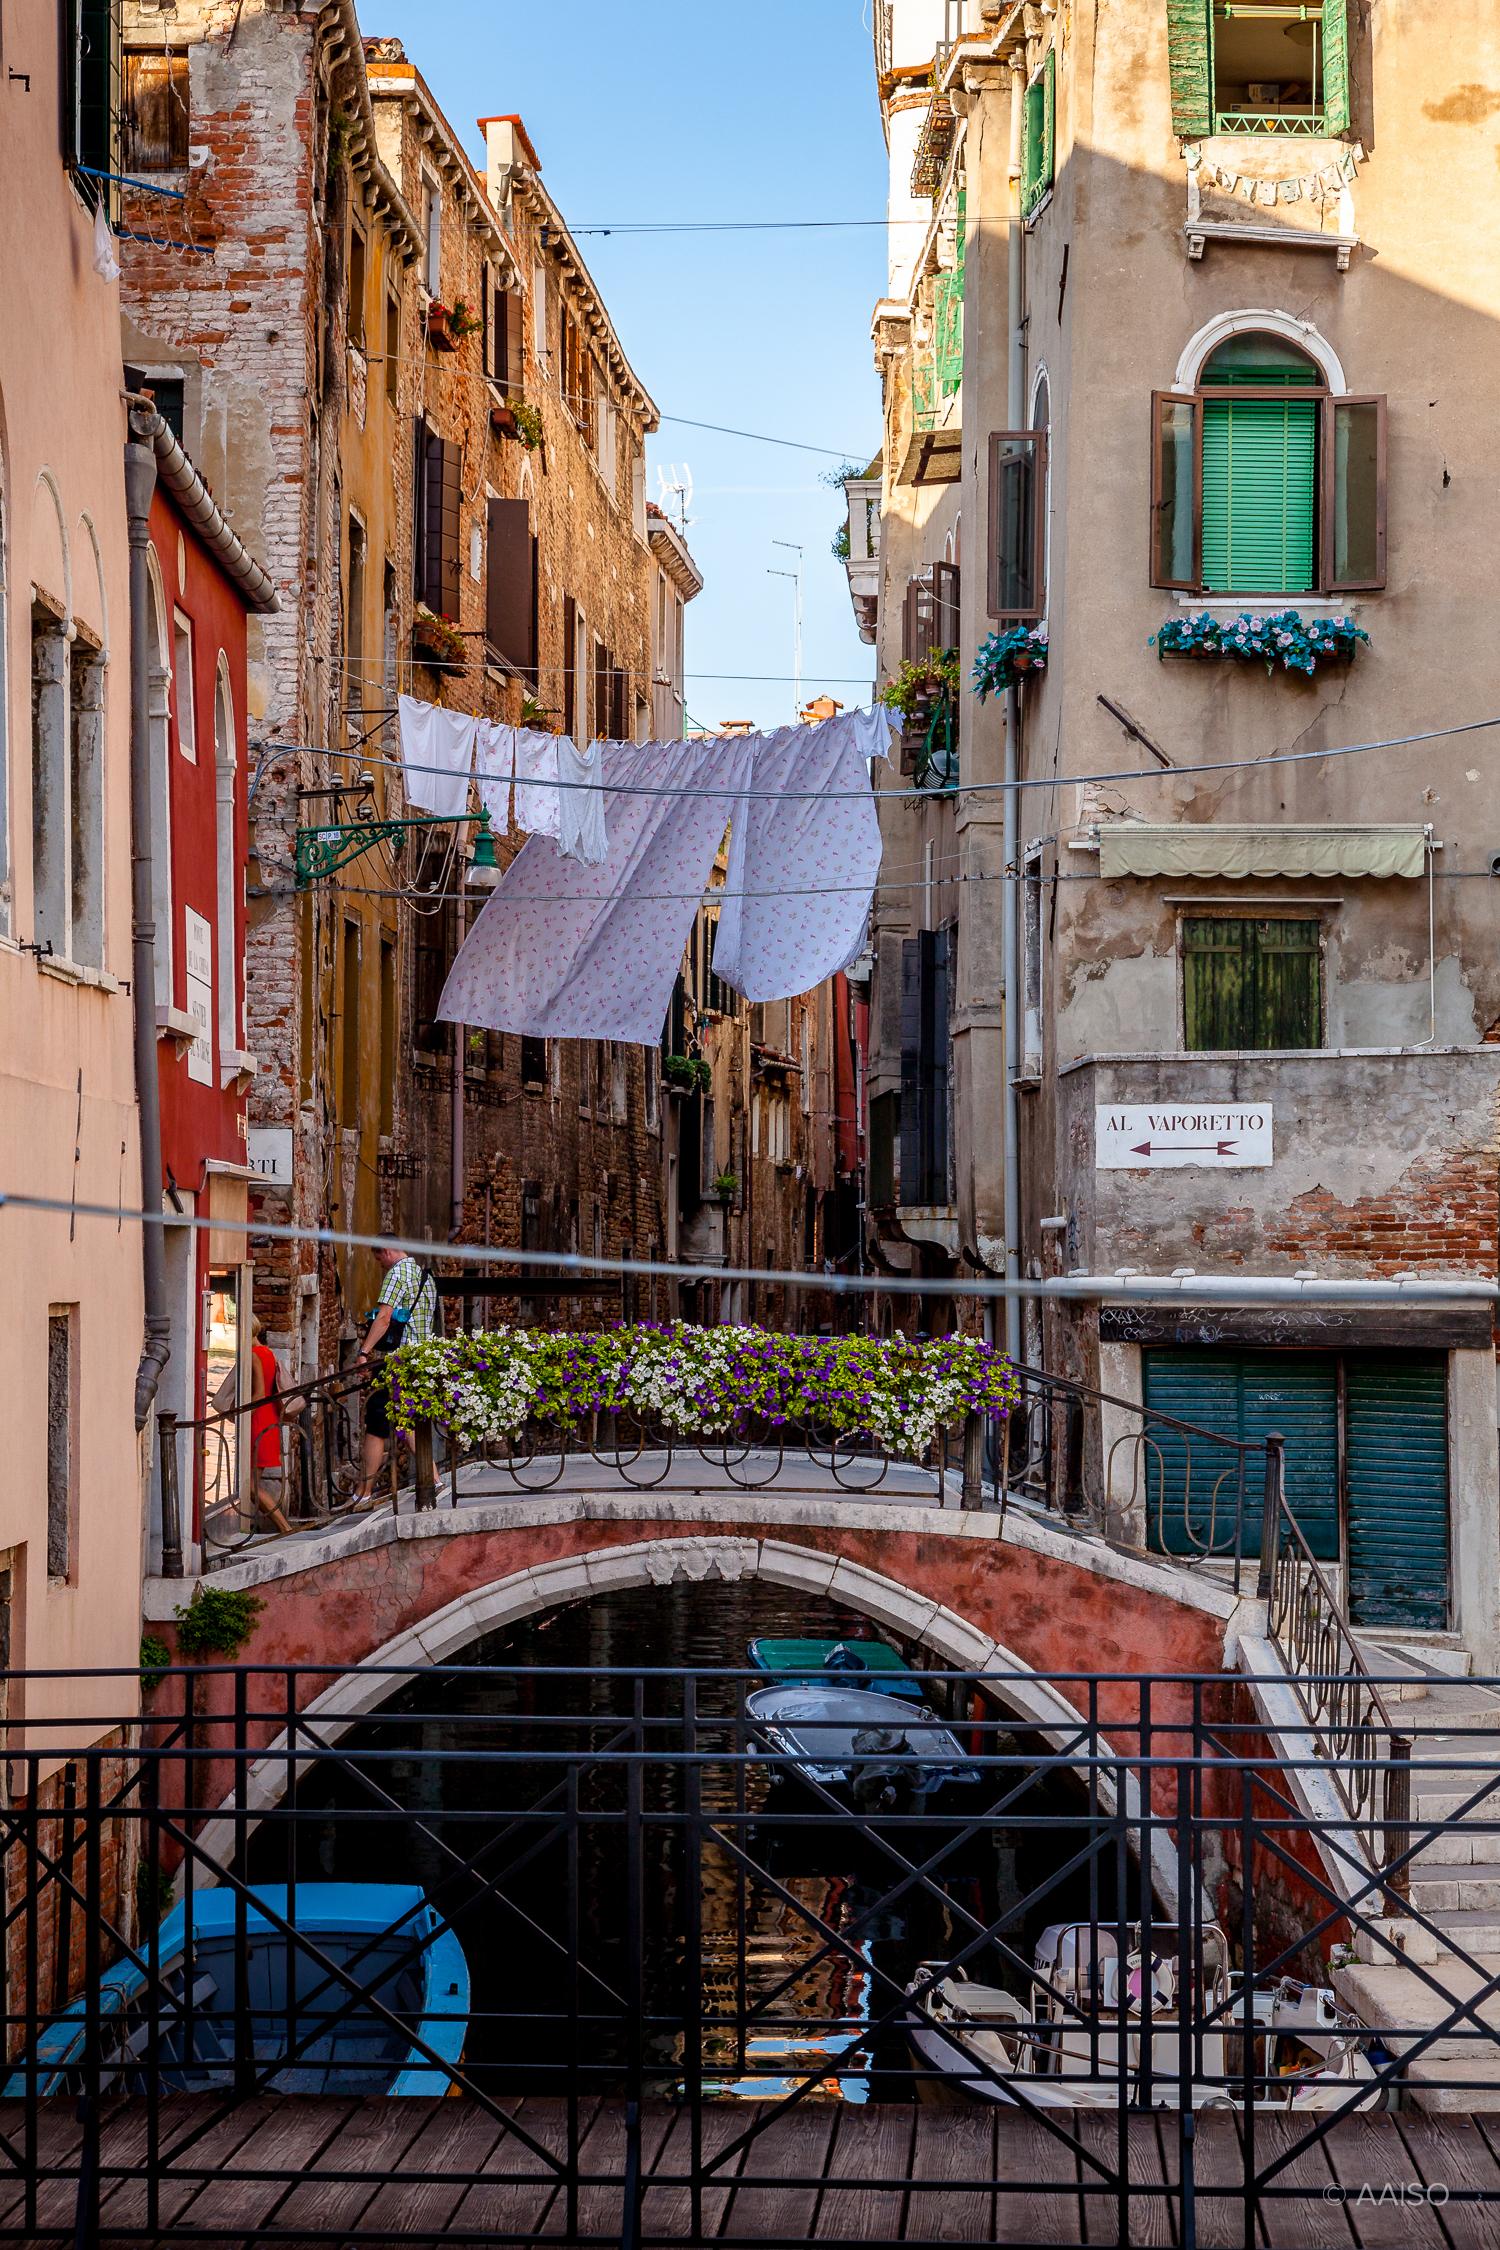 venezia2538.jpg